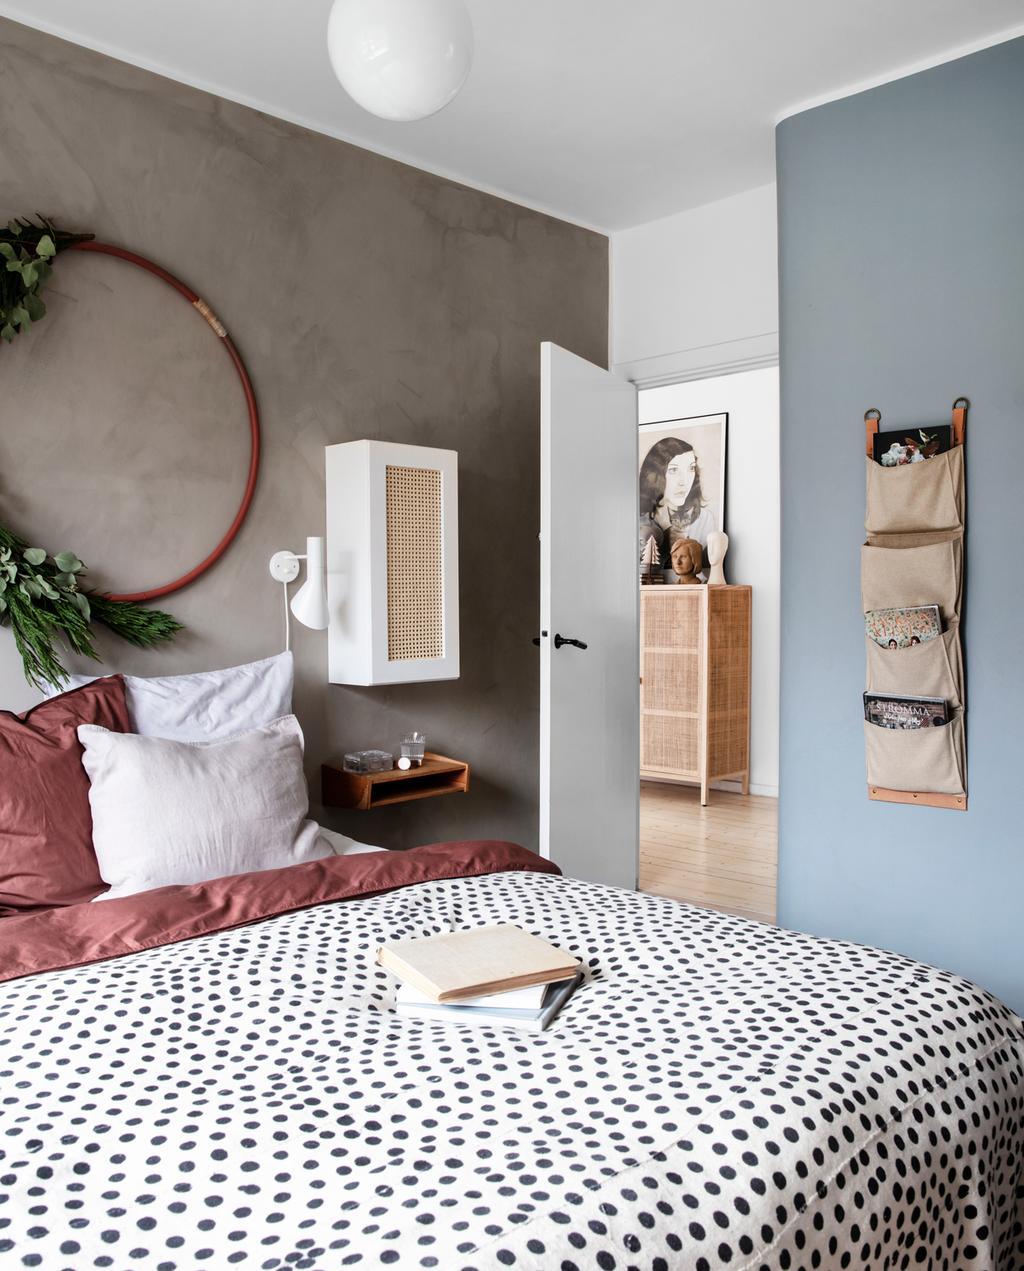 vtwonen 13-2019 | binnenkijken in een bungalow in Kopenhagen slaapkamer